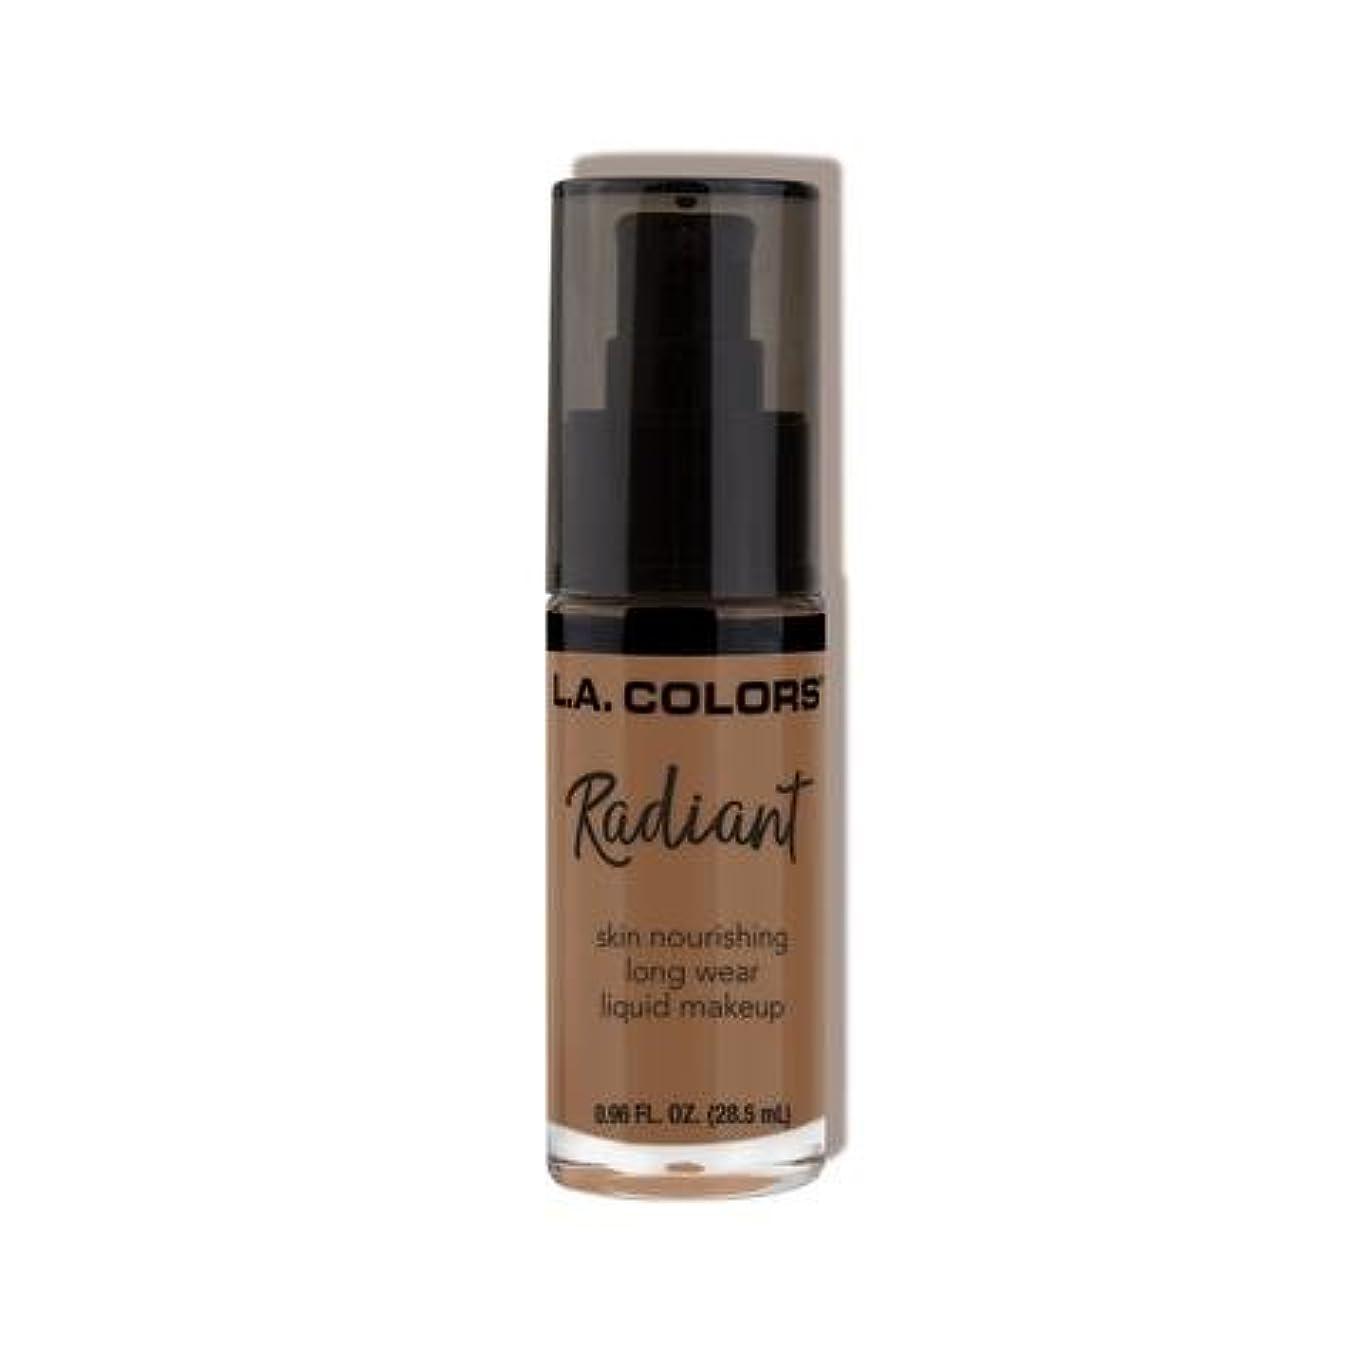 赤道ガイドラインスノーケル(3 Pack) L.A. COLORS Radiant Liquid Makeup - Mocha (並行輸入品)